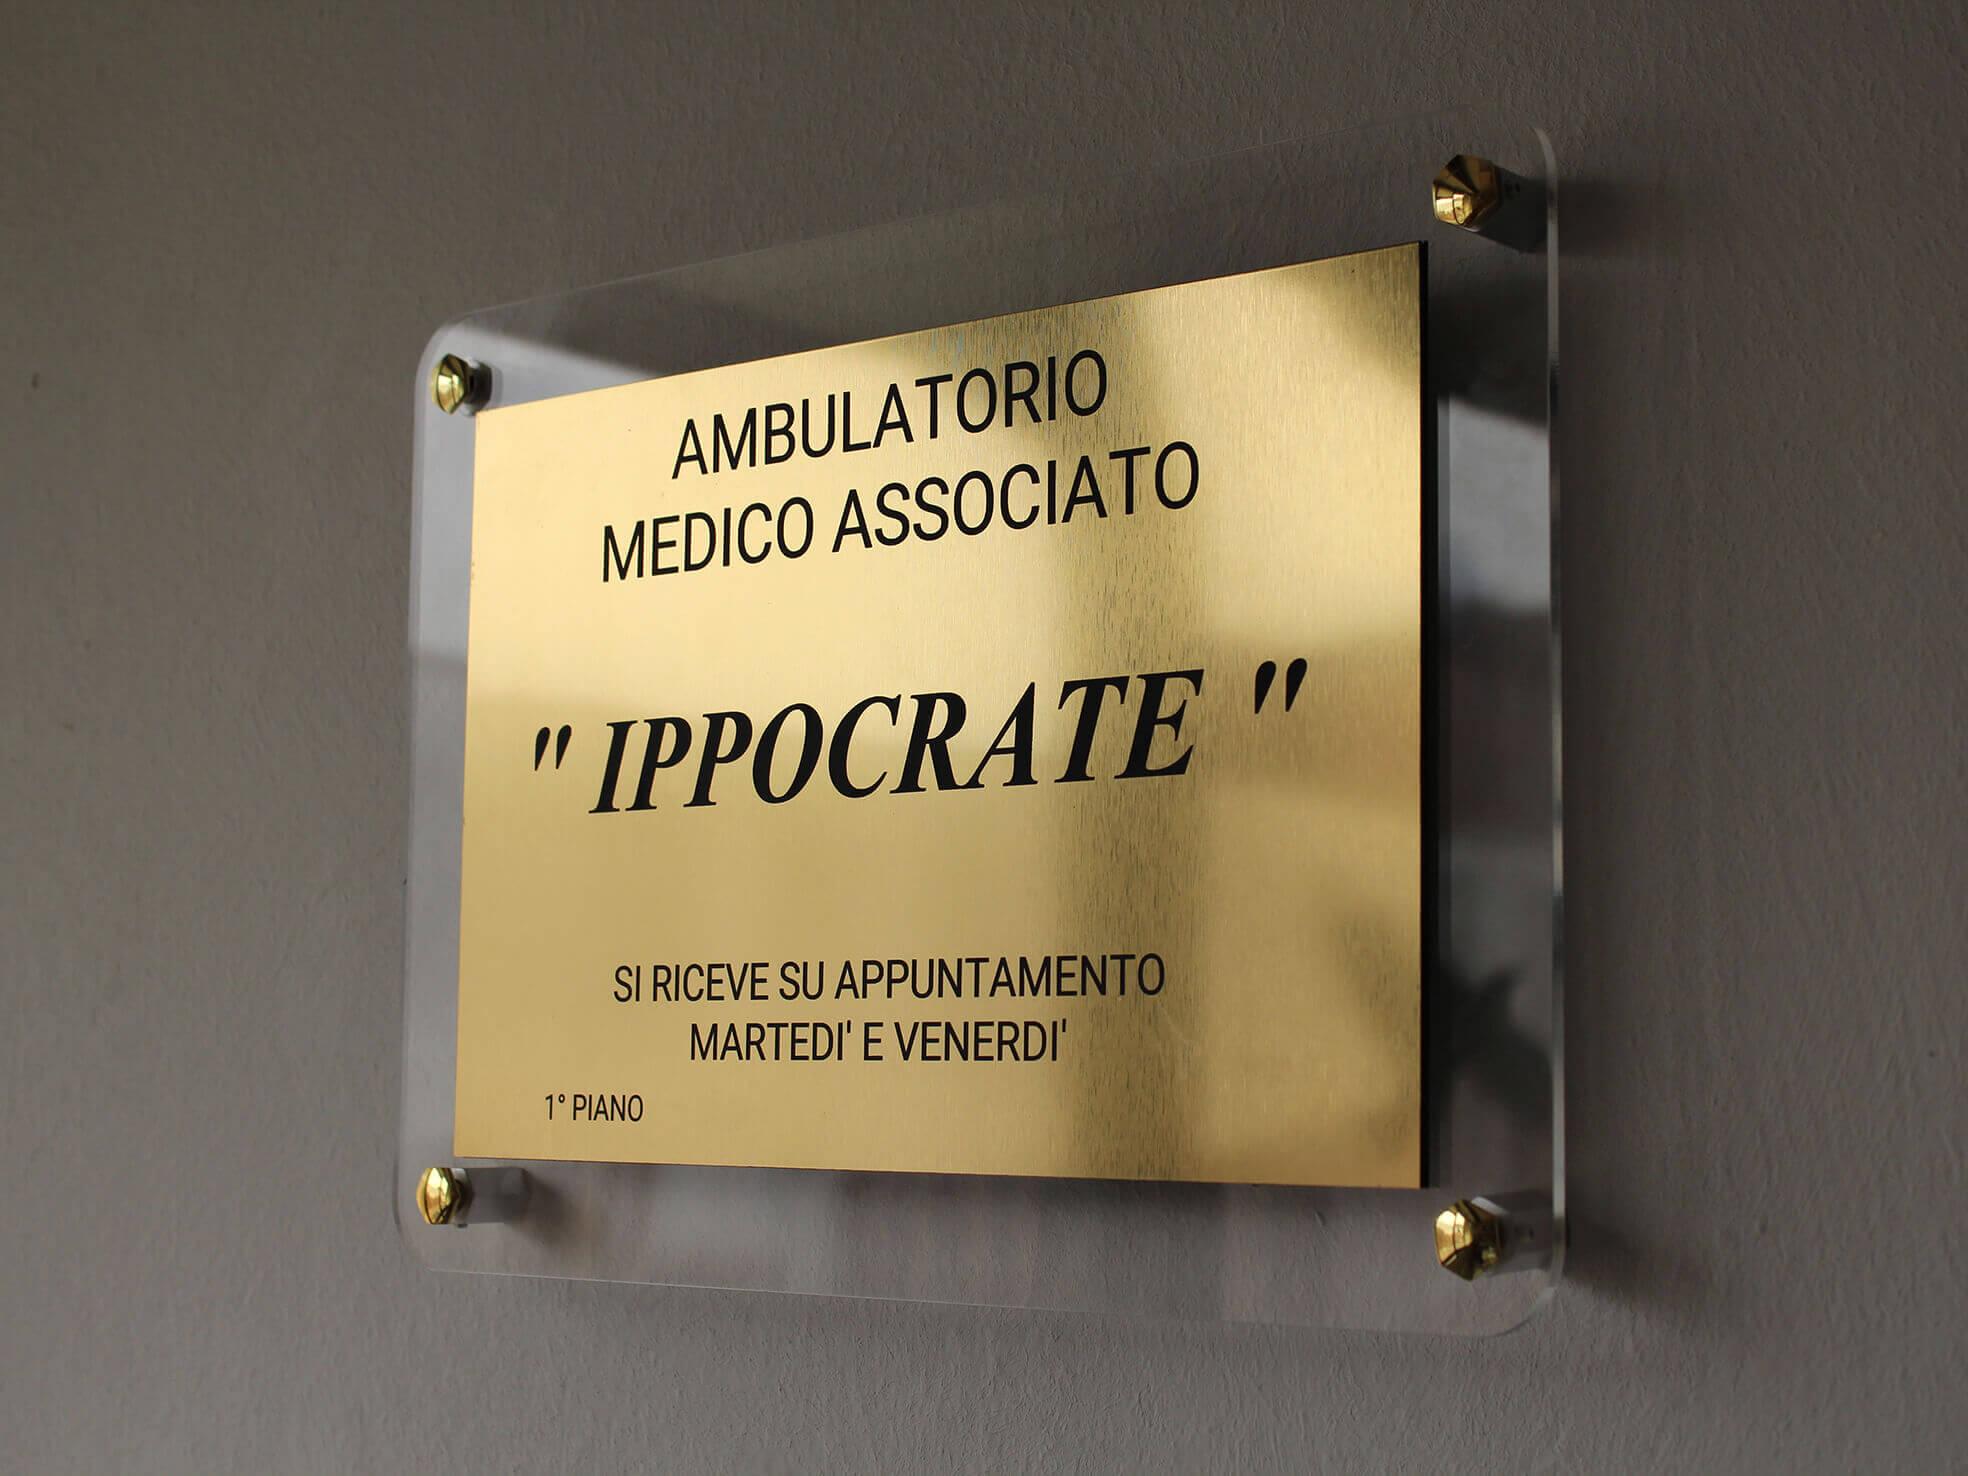 Targhe Ufficio Personalizzate : Targhe professionali per studi associati medici personalizzate